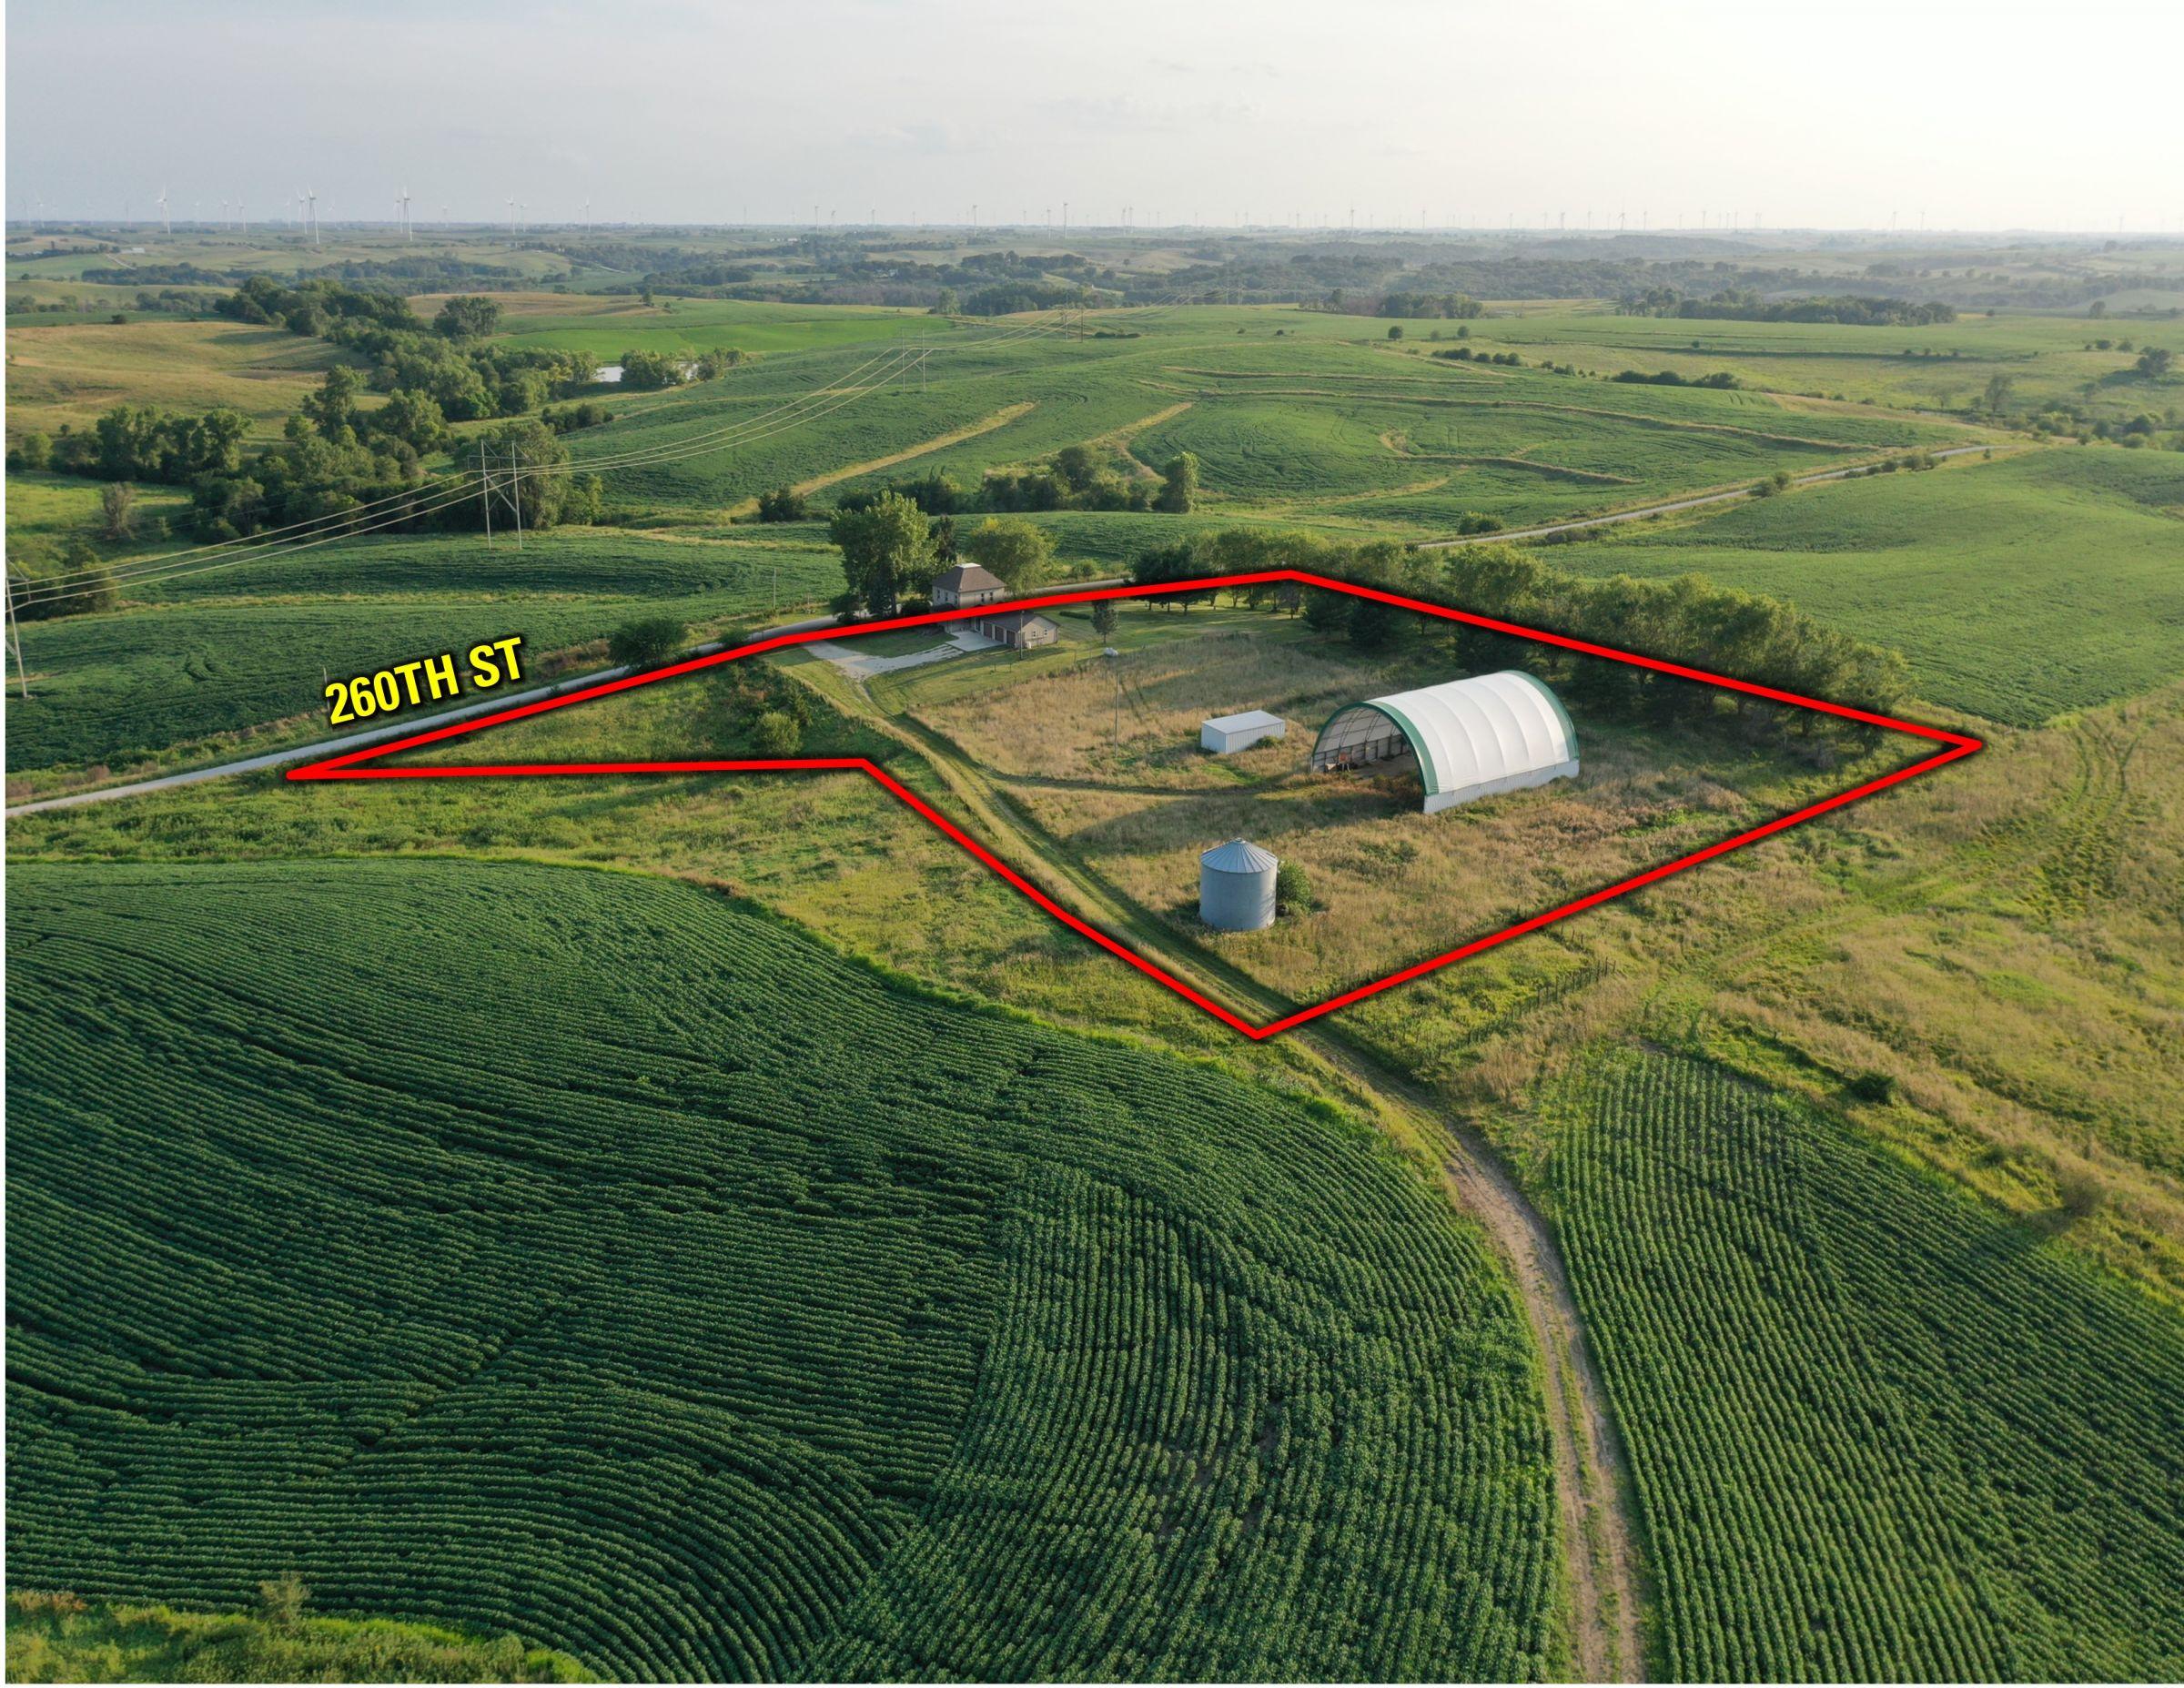 residential-adair-county-iowa-6-acres-listing-number-15664-0-2021-08-10-140612.jpg